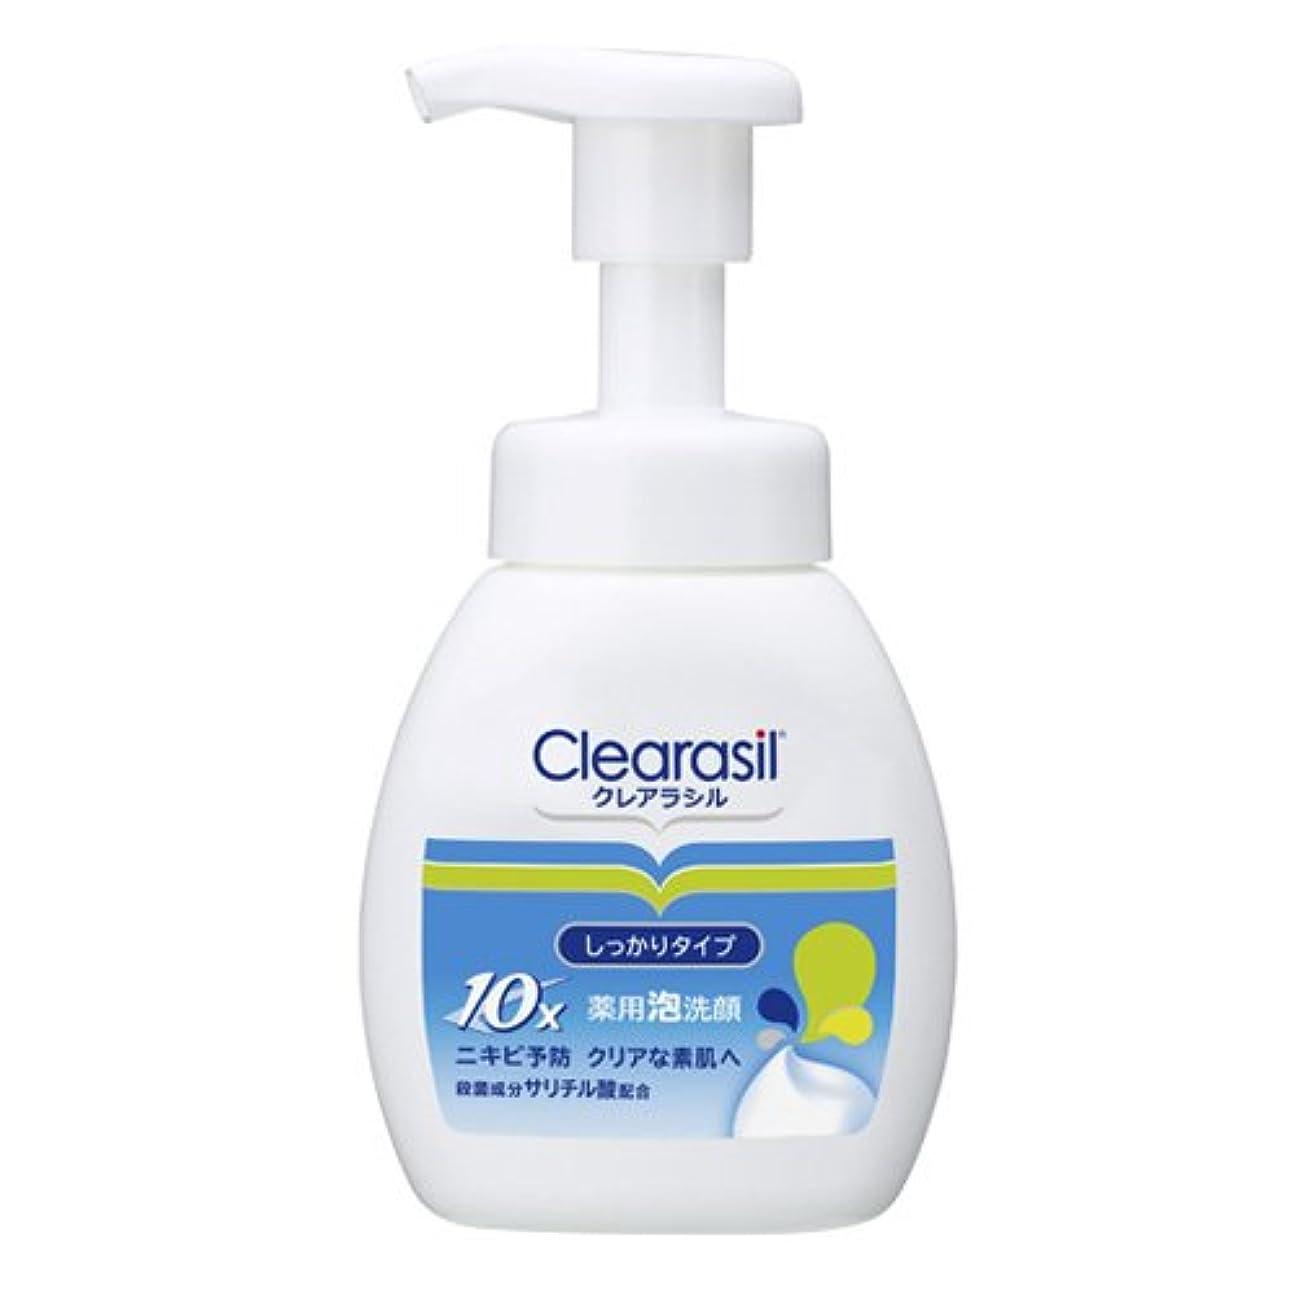 版アクセント推定【clearasil】クレアラシル 薬用泡洗顔フォーム10 (200ml)